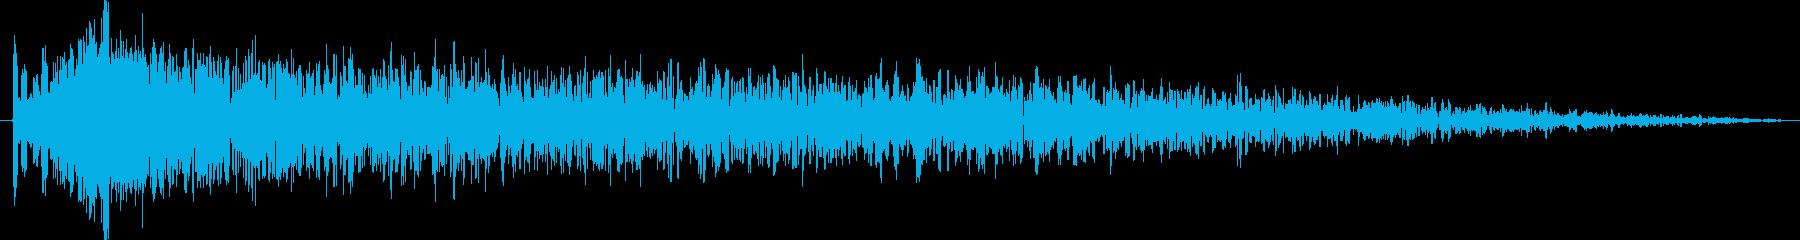 衝撃シーンのワンショットホラー効果音の再生済みの波形